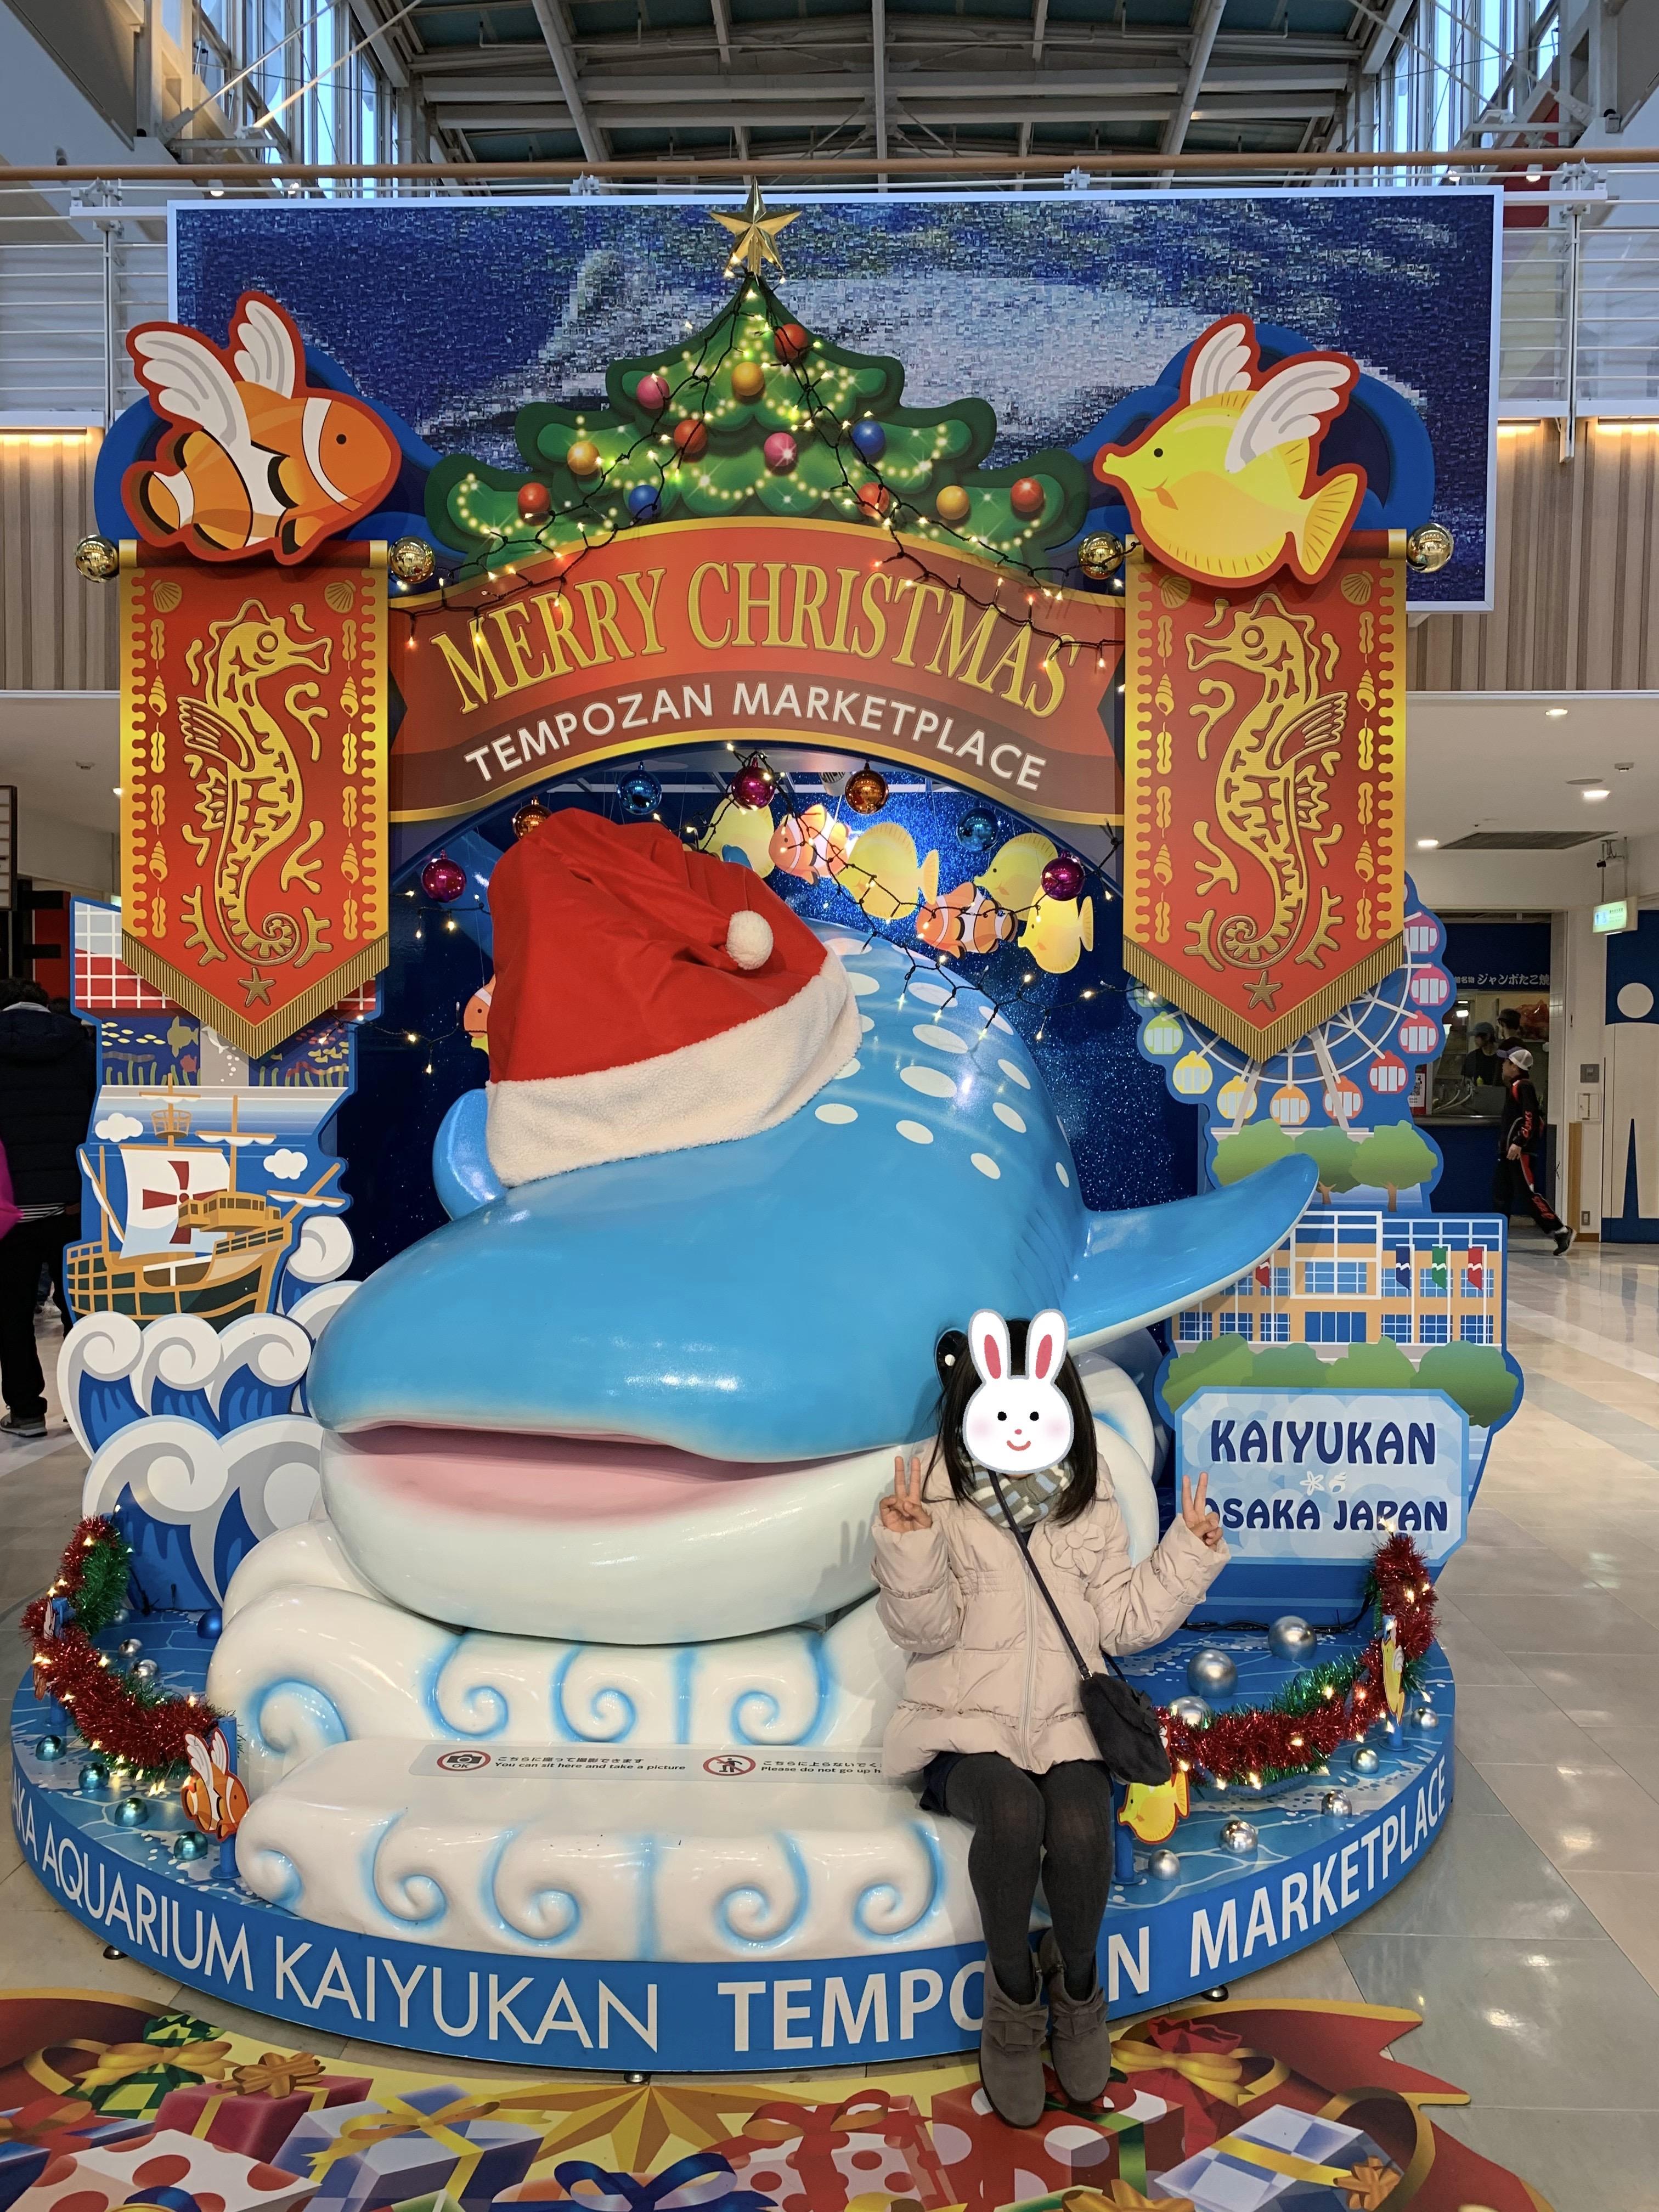 大阪でクリスマスを過ごしてみた